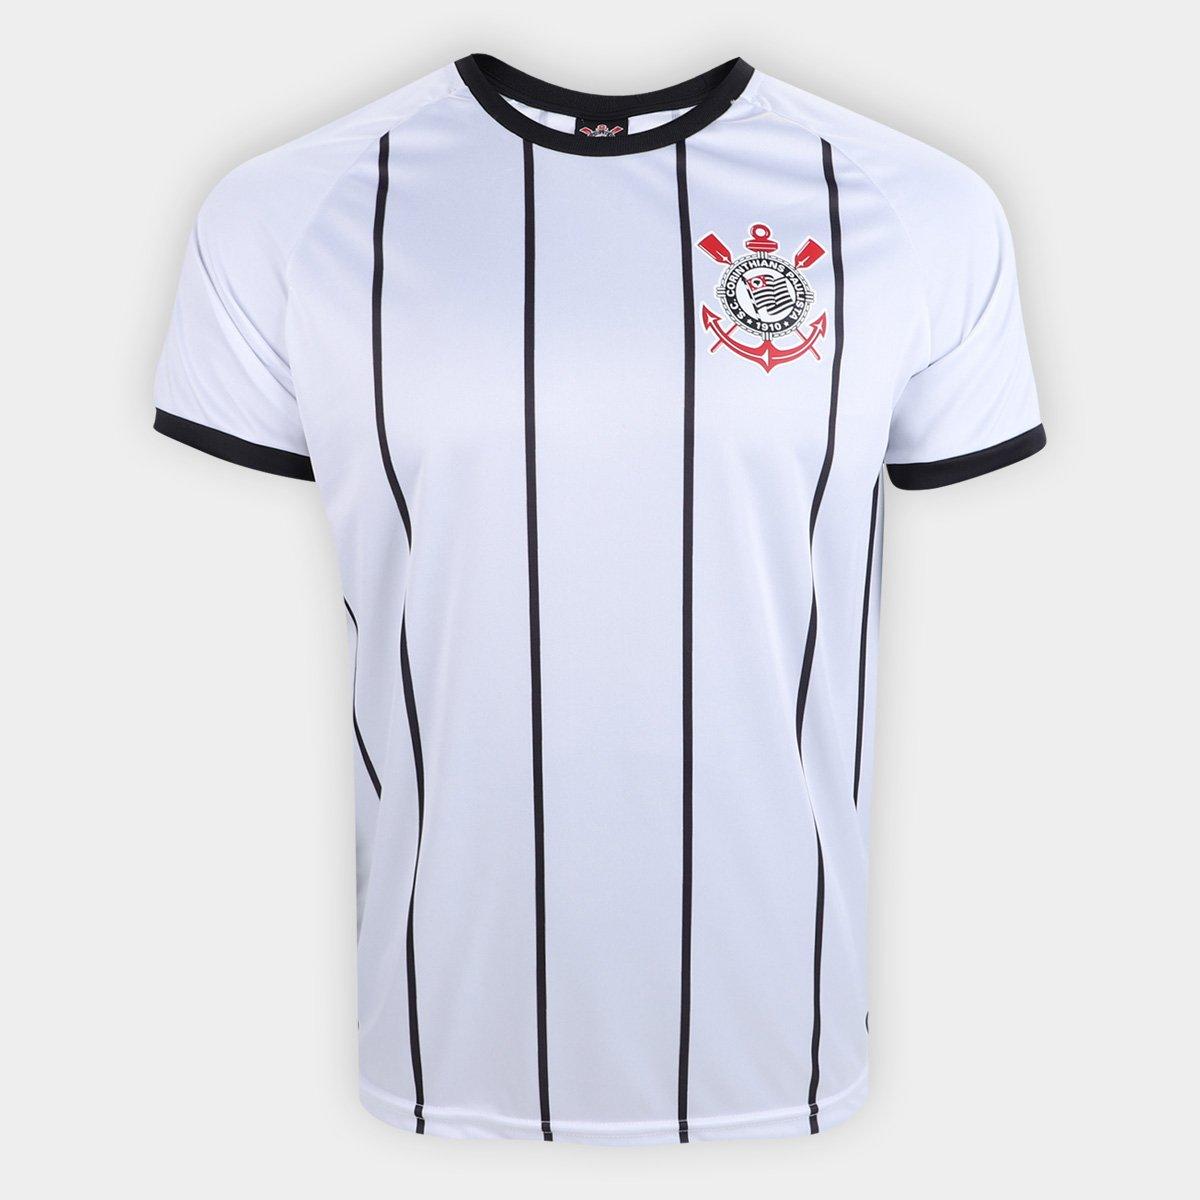 7ec4c29f57330 Camisa Corinthians Fenomenal - Edição Limitada Torcedor Masculina - Compre  Agora